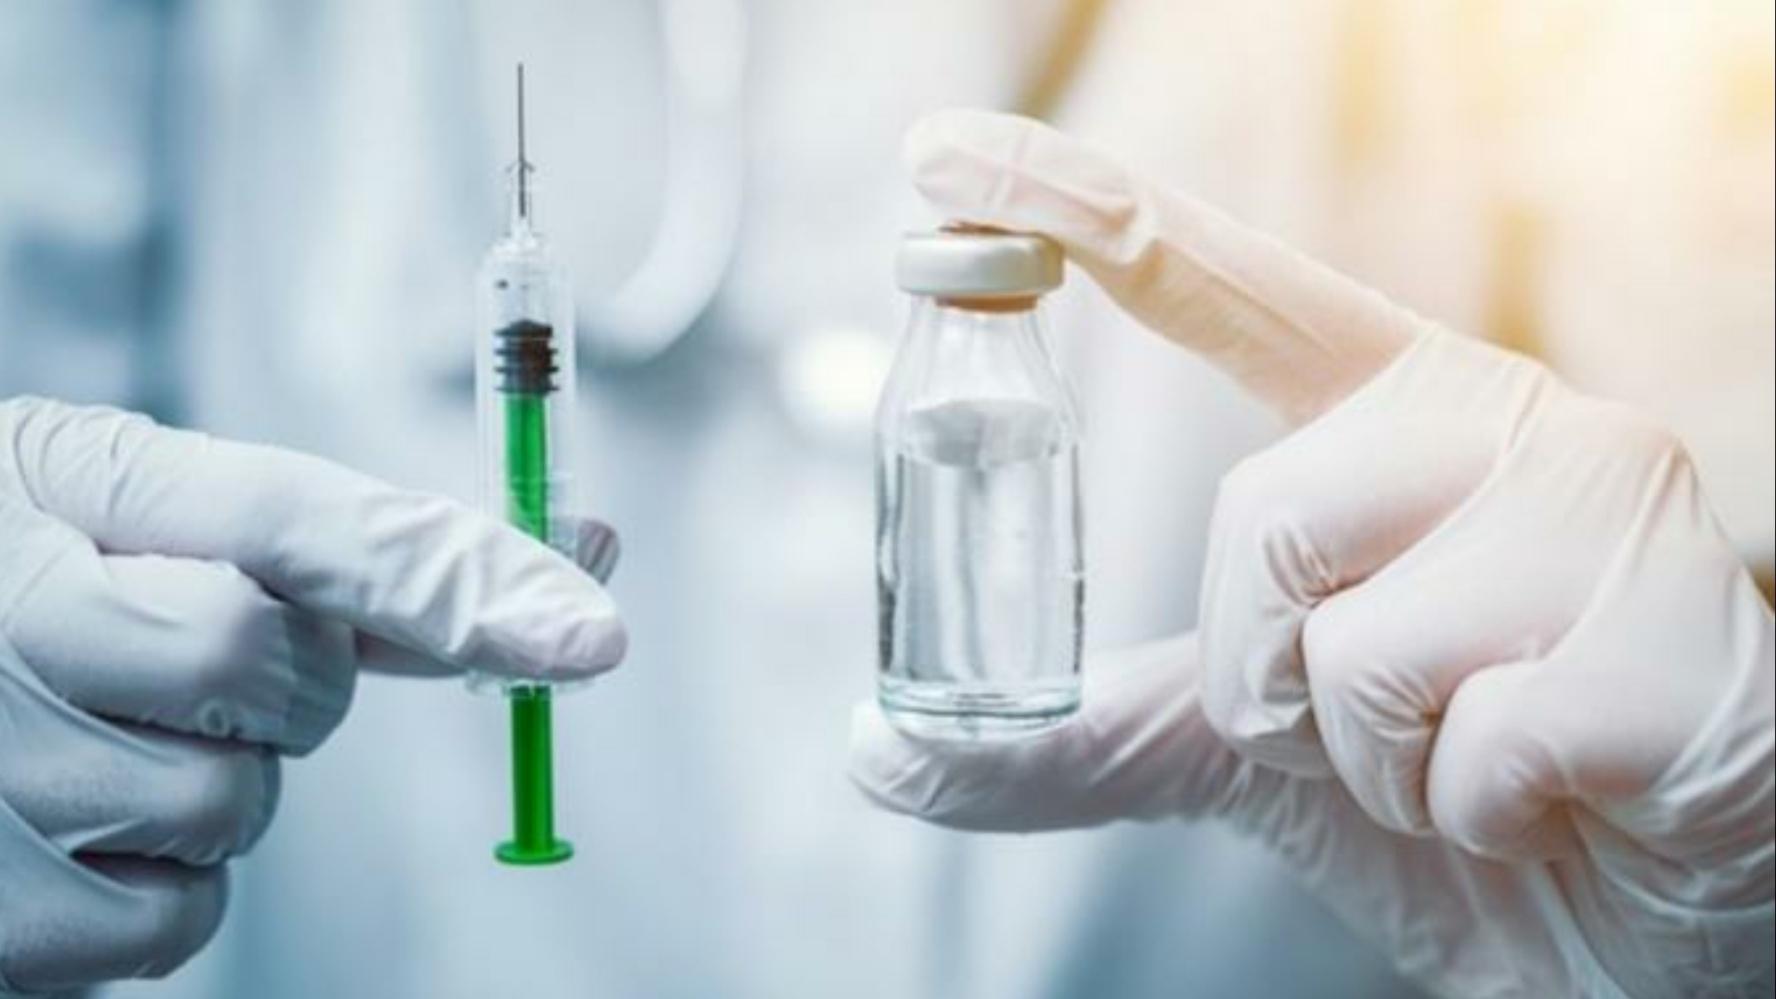 Ministerul Sănătății a aprobat o schemă de tratament a infecției cu coronavirus. Care sunt medicamentele folosite?!